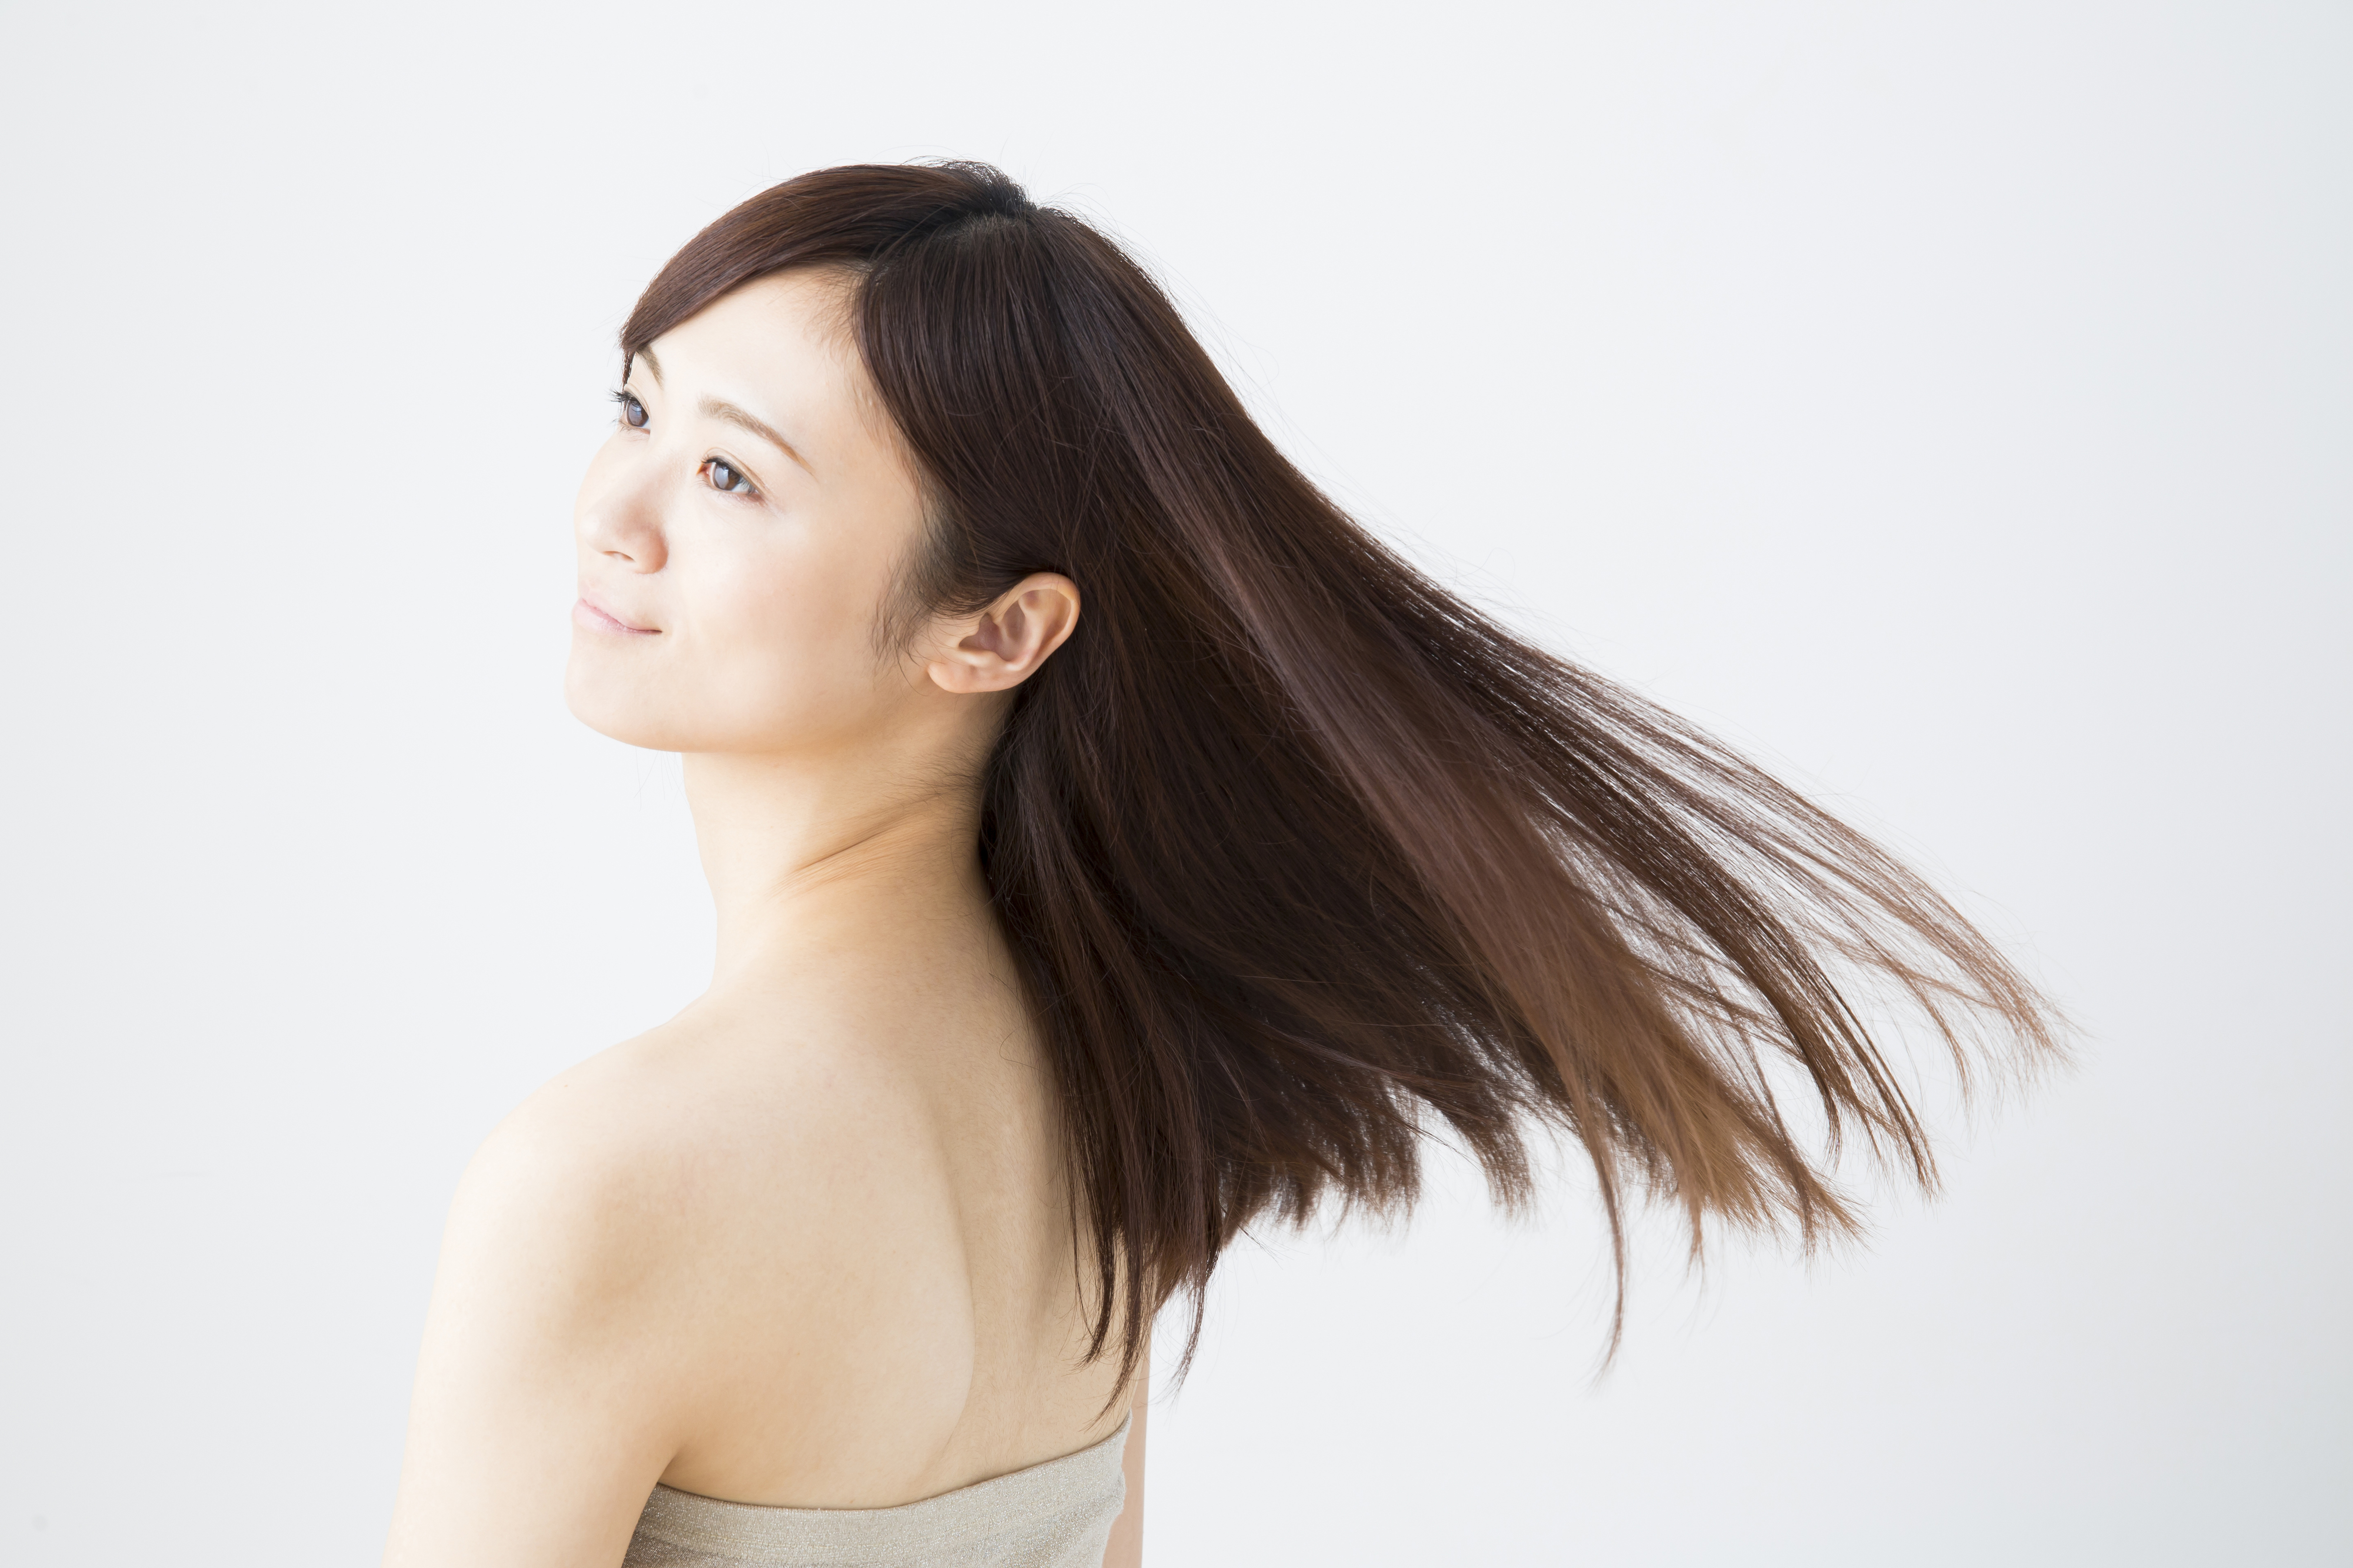 髪のキューティクルをケアする6つの方法